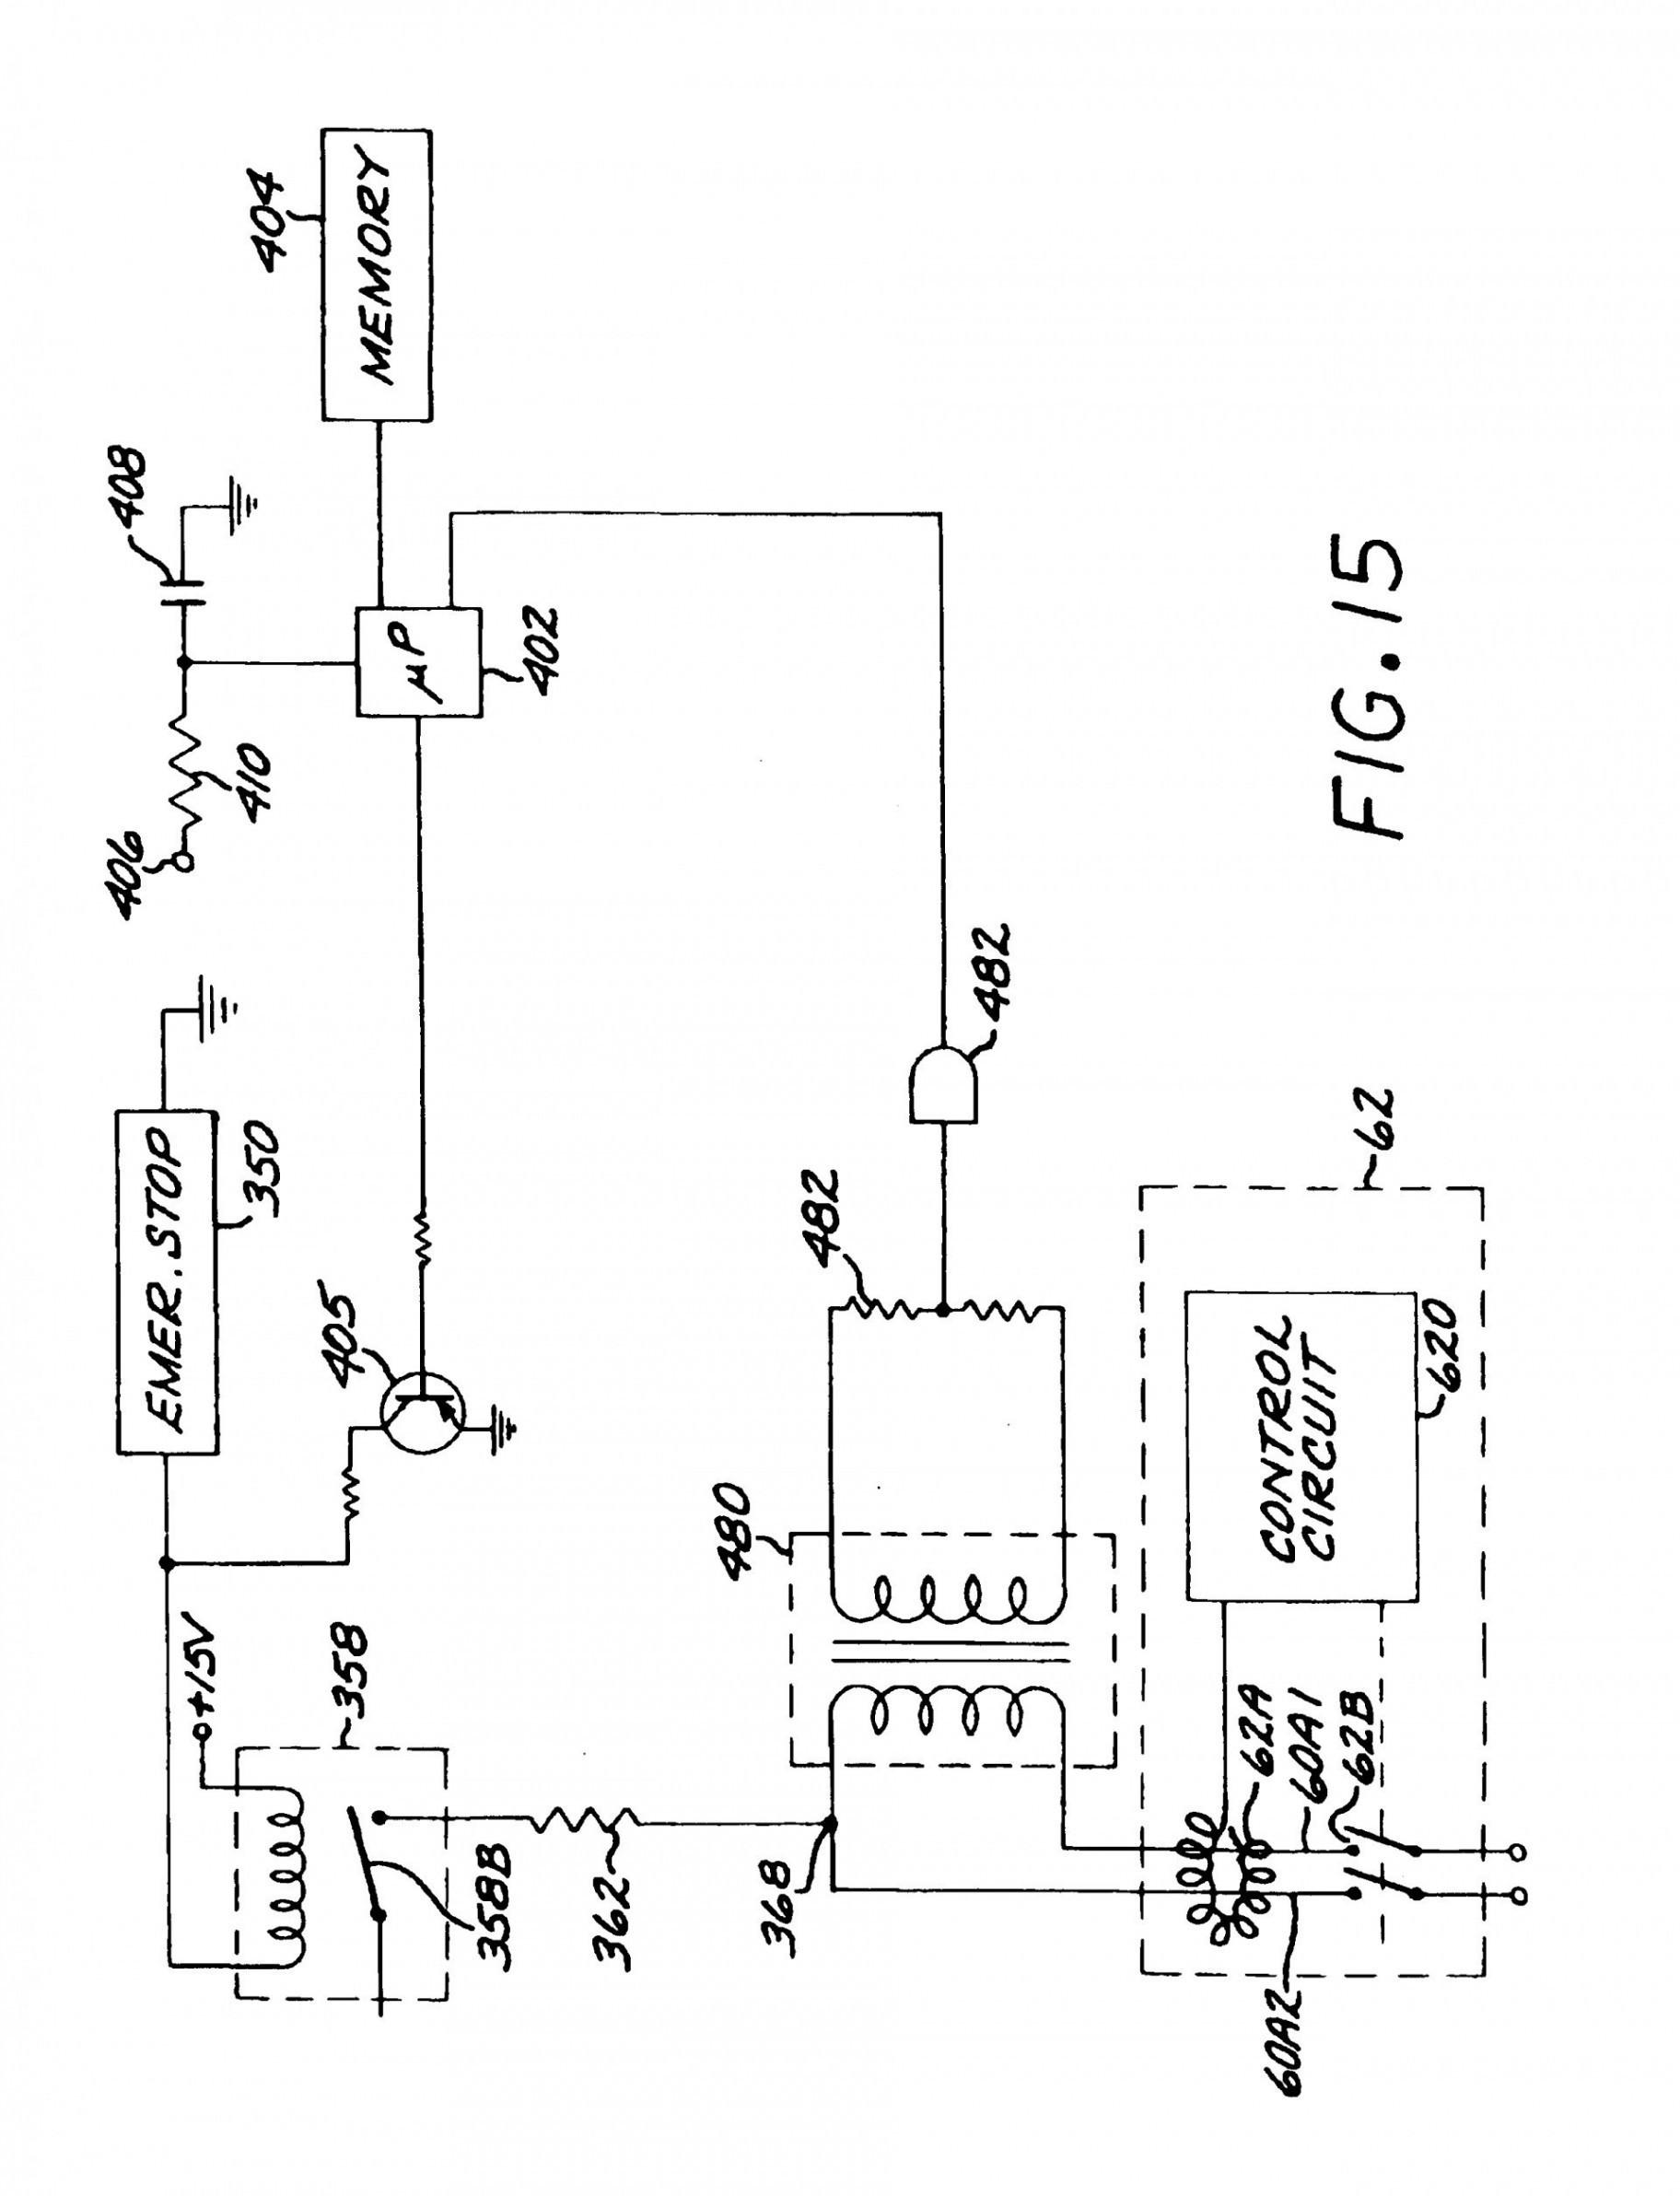 Ao Smith Pool Pump Motor Wiring Diagram Ao Smith Electric Motor Wiring Diagram Reference Ao Smith Pool Pump Of Ao Smith Pool Pump Motor Wiring Diagram